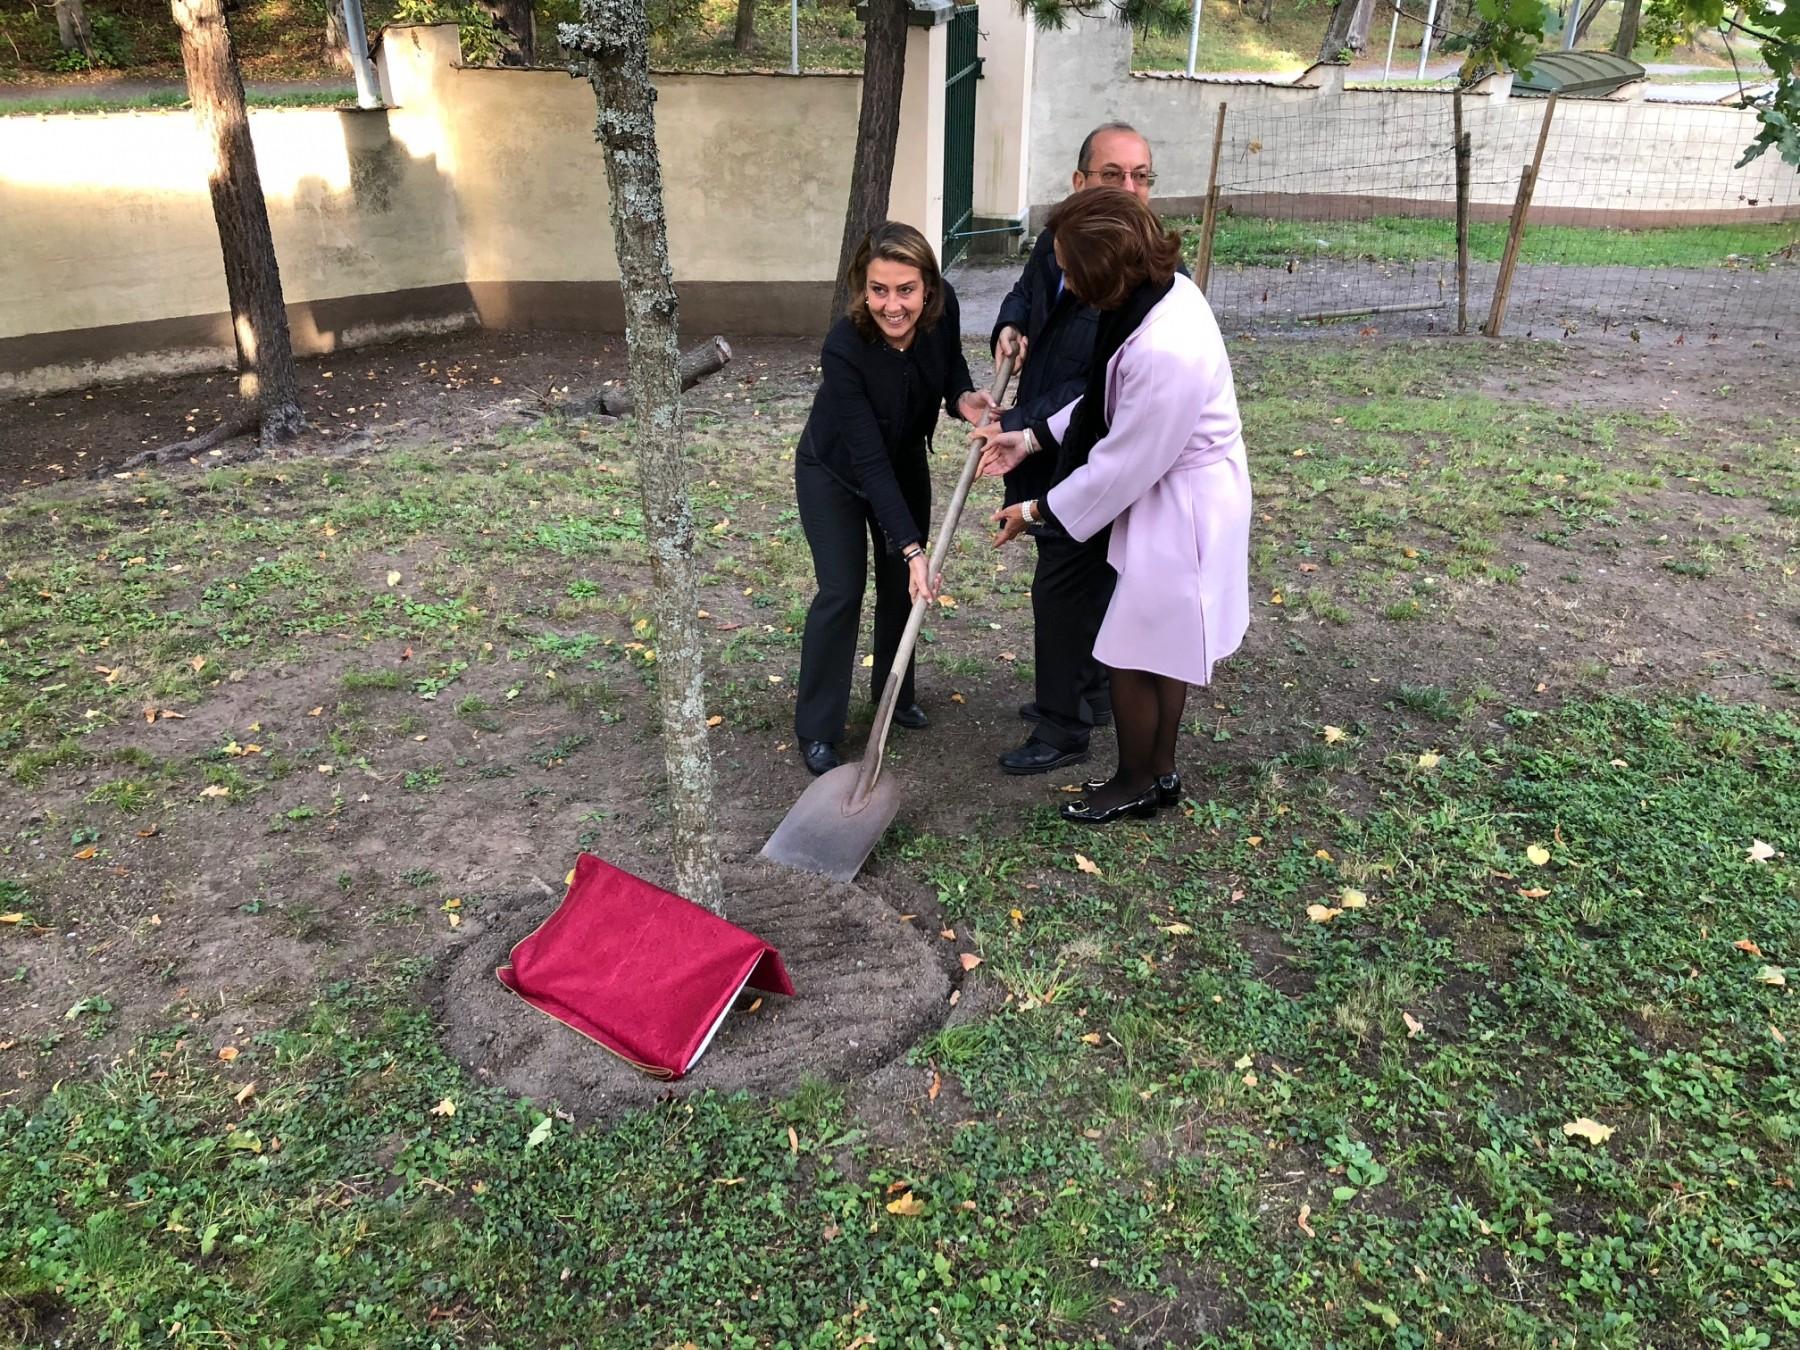 Caroline Edelstam insieme alla giornalista Enza Nunziato e all'Ambasciatore Mario Cospito